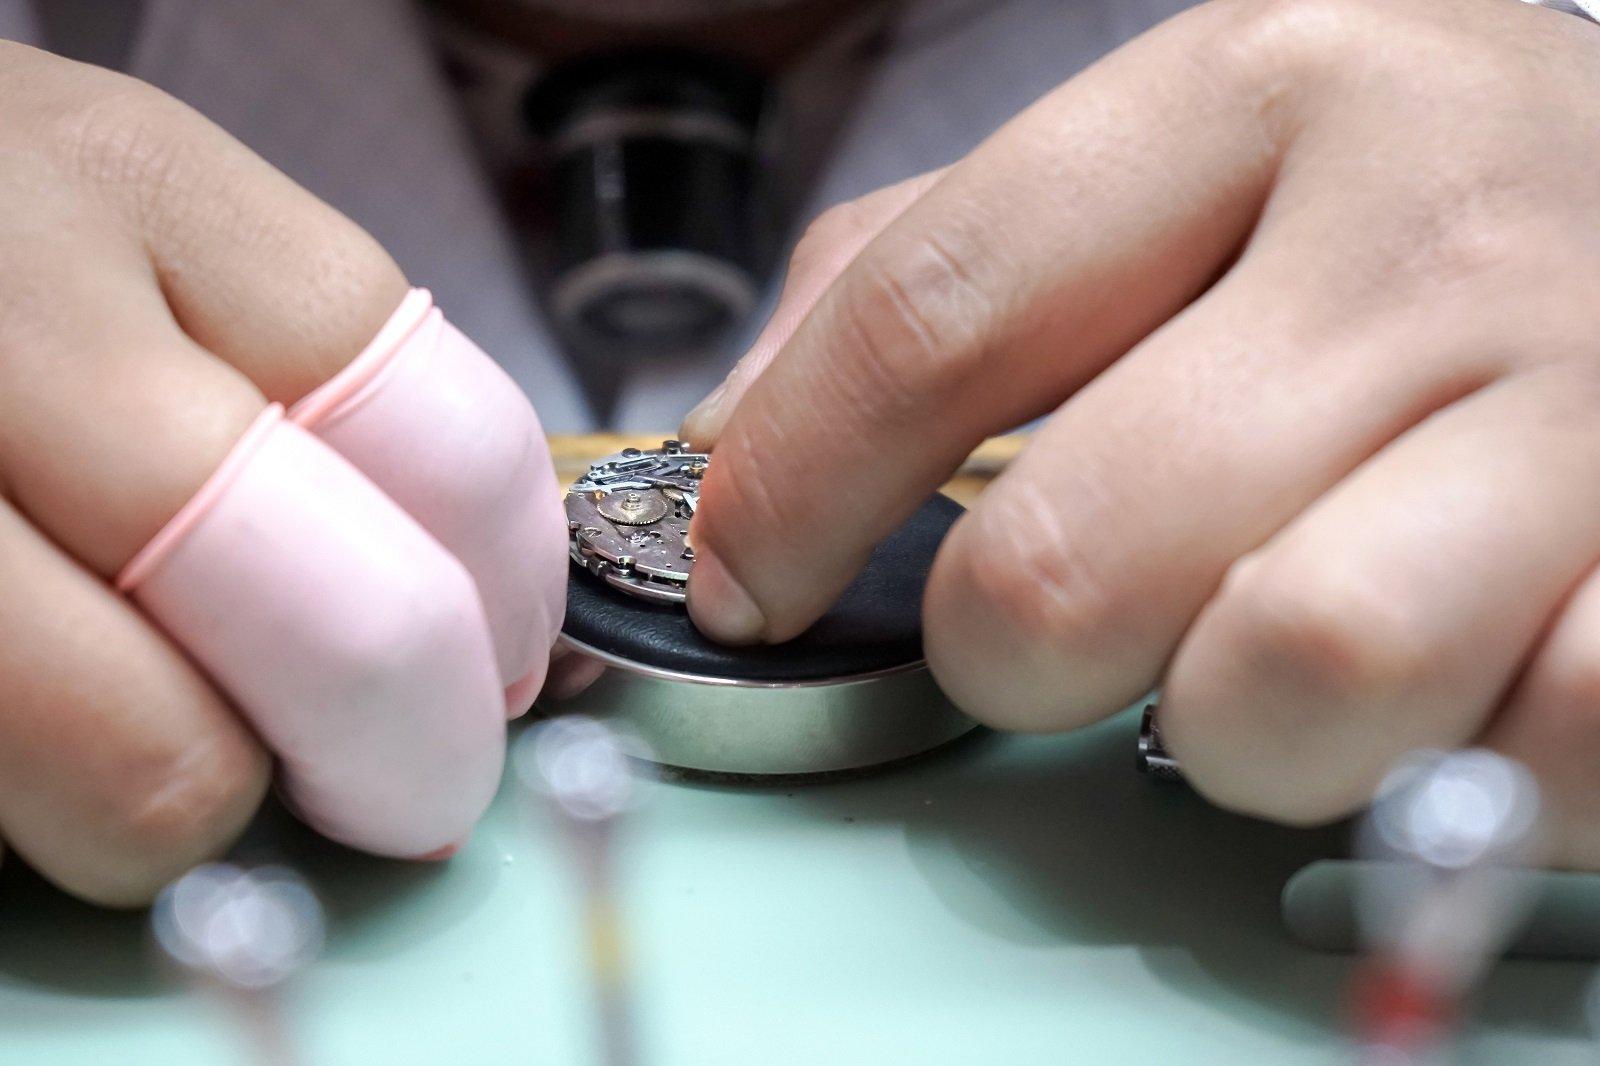 orologiaio che ripara un vecchio orologio da tasca